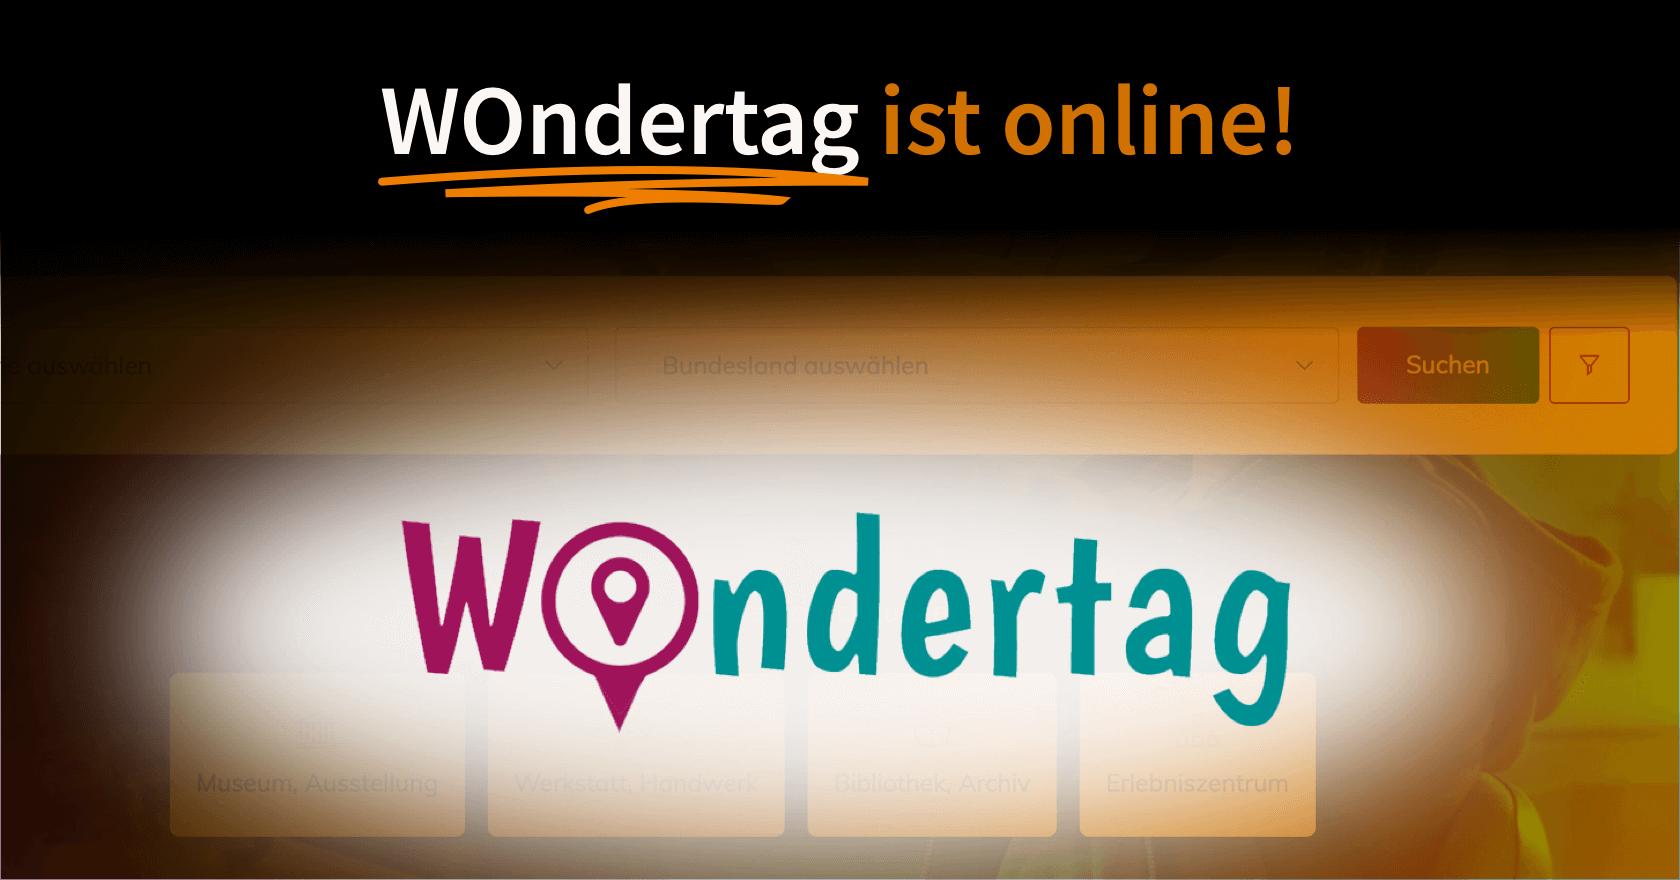 WOndertag ist online! | Sie wollen eine App, Software oder Webanwendung, die auf dem Markt wettbewerbsfähig ist? Wir helfen Ihnen dabei: UX Consulting, UX Konzept & UI Design | App, Software & Web | UX-Büro in Odenthal (in der Nähe von Köln, Bergisch Gladbach, Leverkusen und Düsseldorf) | User Experience Consulting, User Experience Konzept & User Interface Design